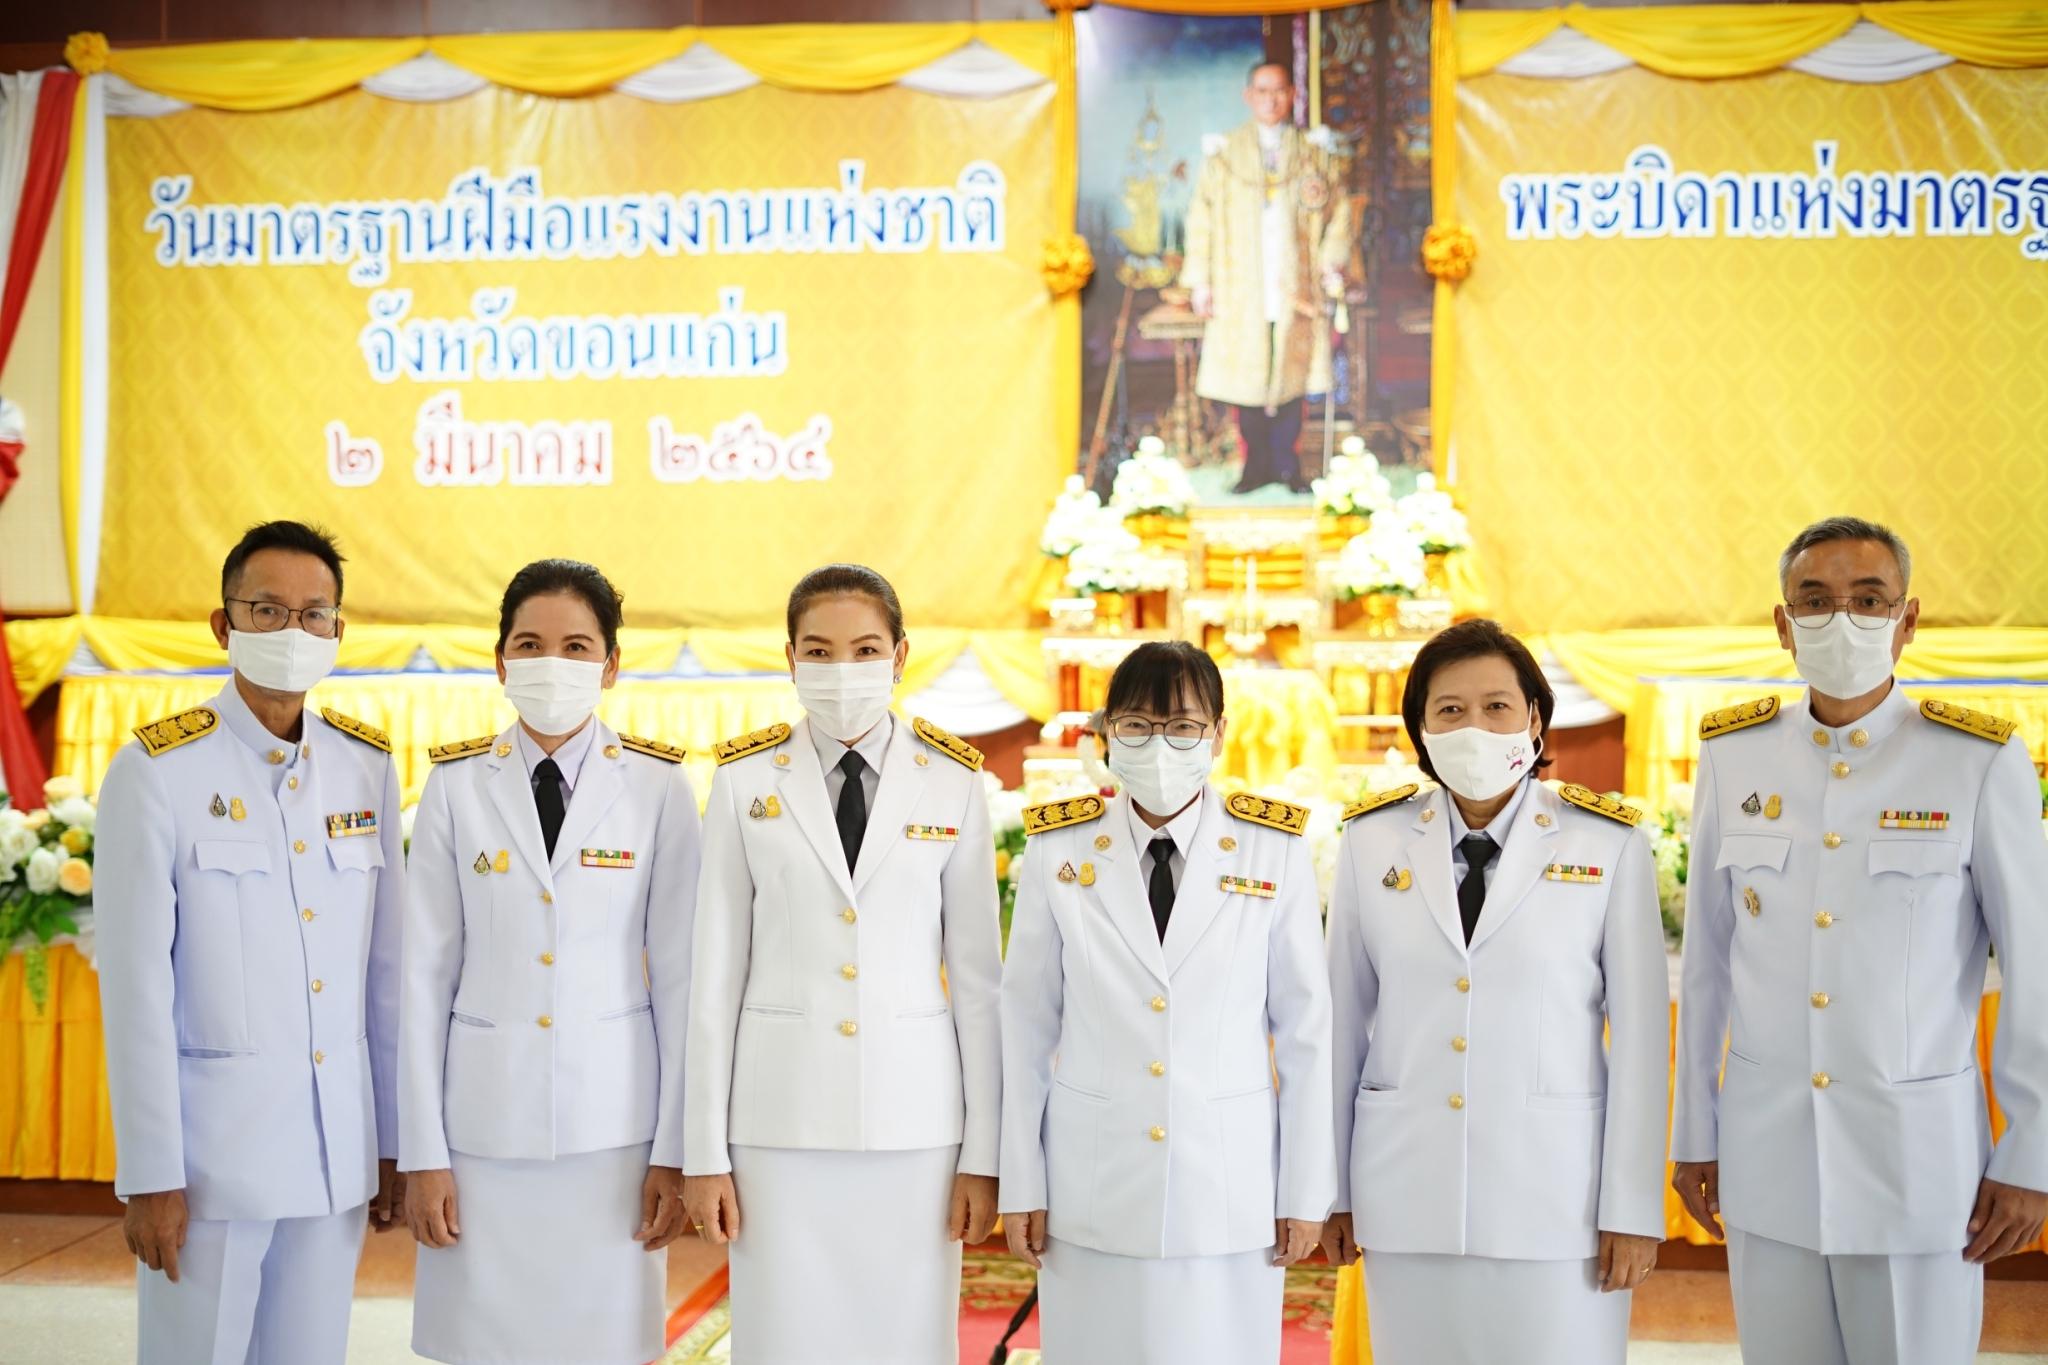 """เข้าร่วมพิธีถวายเครื่องราชสักการะแด่พระบาทสมเด็จพระบรมชนกาธิเบศ มหาภูมิพลอดุลยเดชมหาราช บรมนาถบพิตร """"พระบิดาแห่งมาตรฐานการช่างไทย"""" วันมาตรฐานฝีมือแรงงาน"""